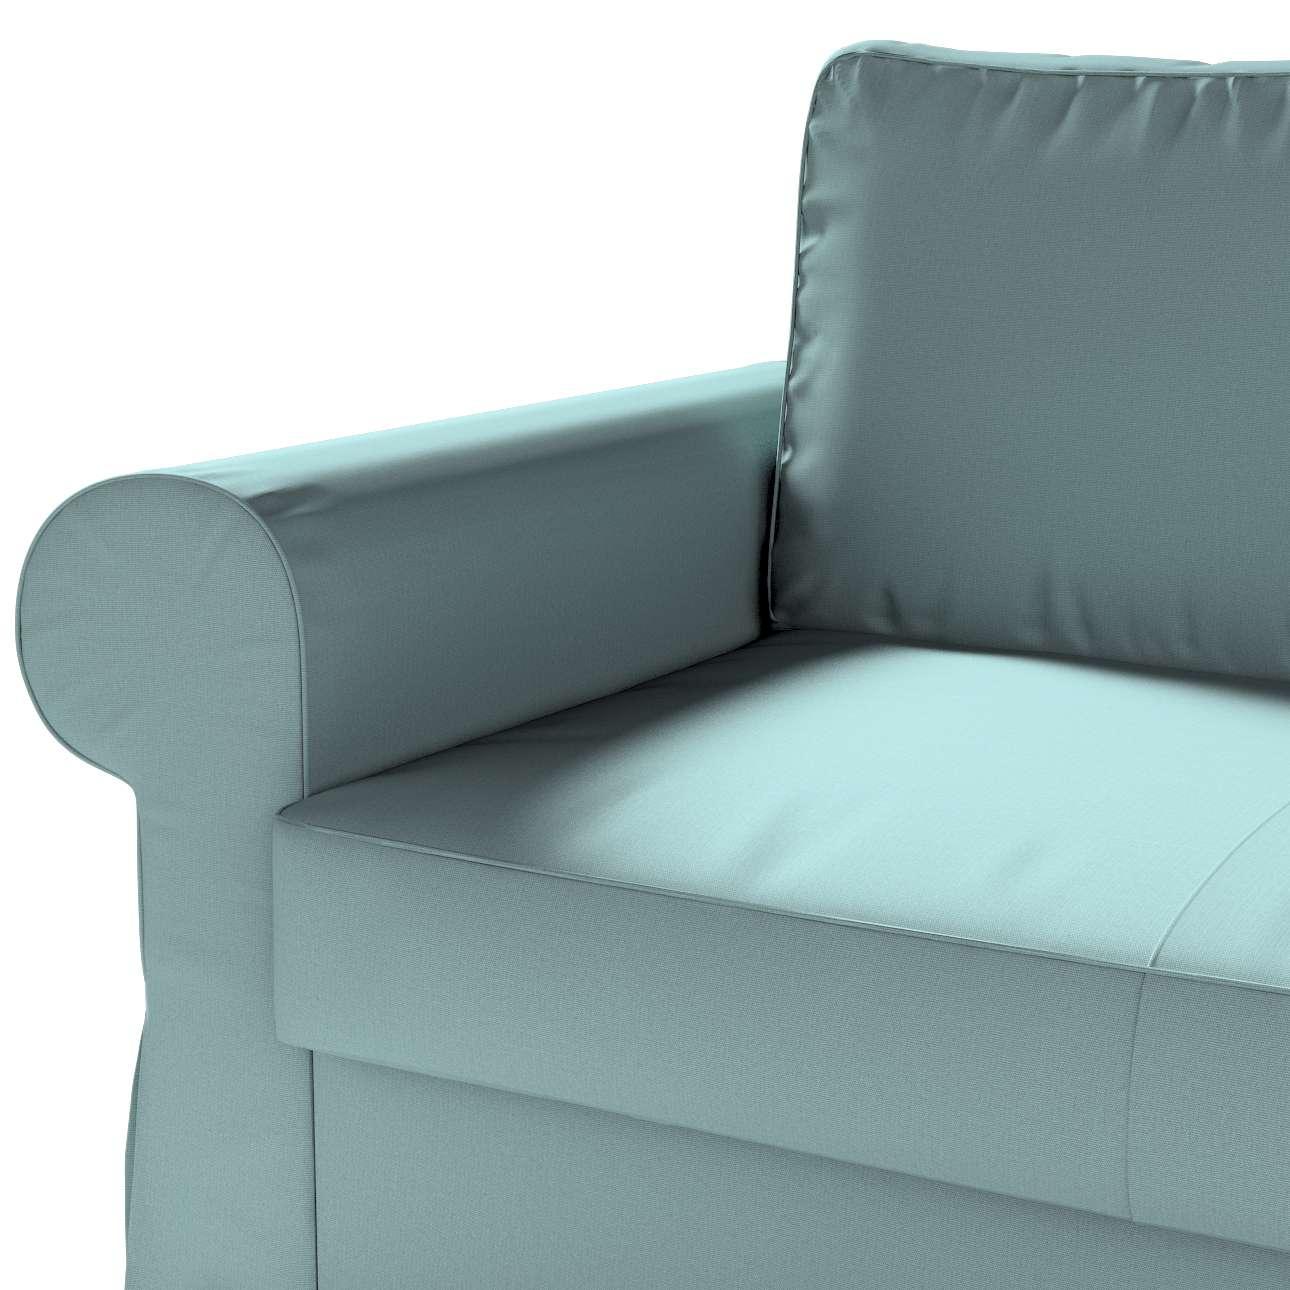 Bezug für Backabro 2-Sitzer Sofa ausklappbar von der Kollektion Cotton Panama, Stoff: 702-40